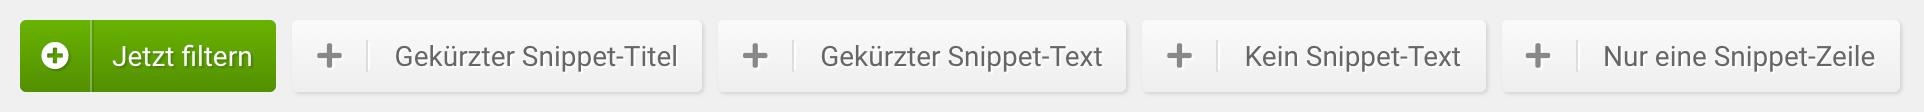 Filter für die Funktion SERP-Snippets in der SISTRIX Toolbox